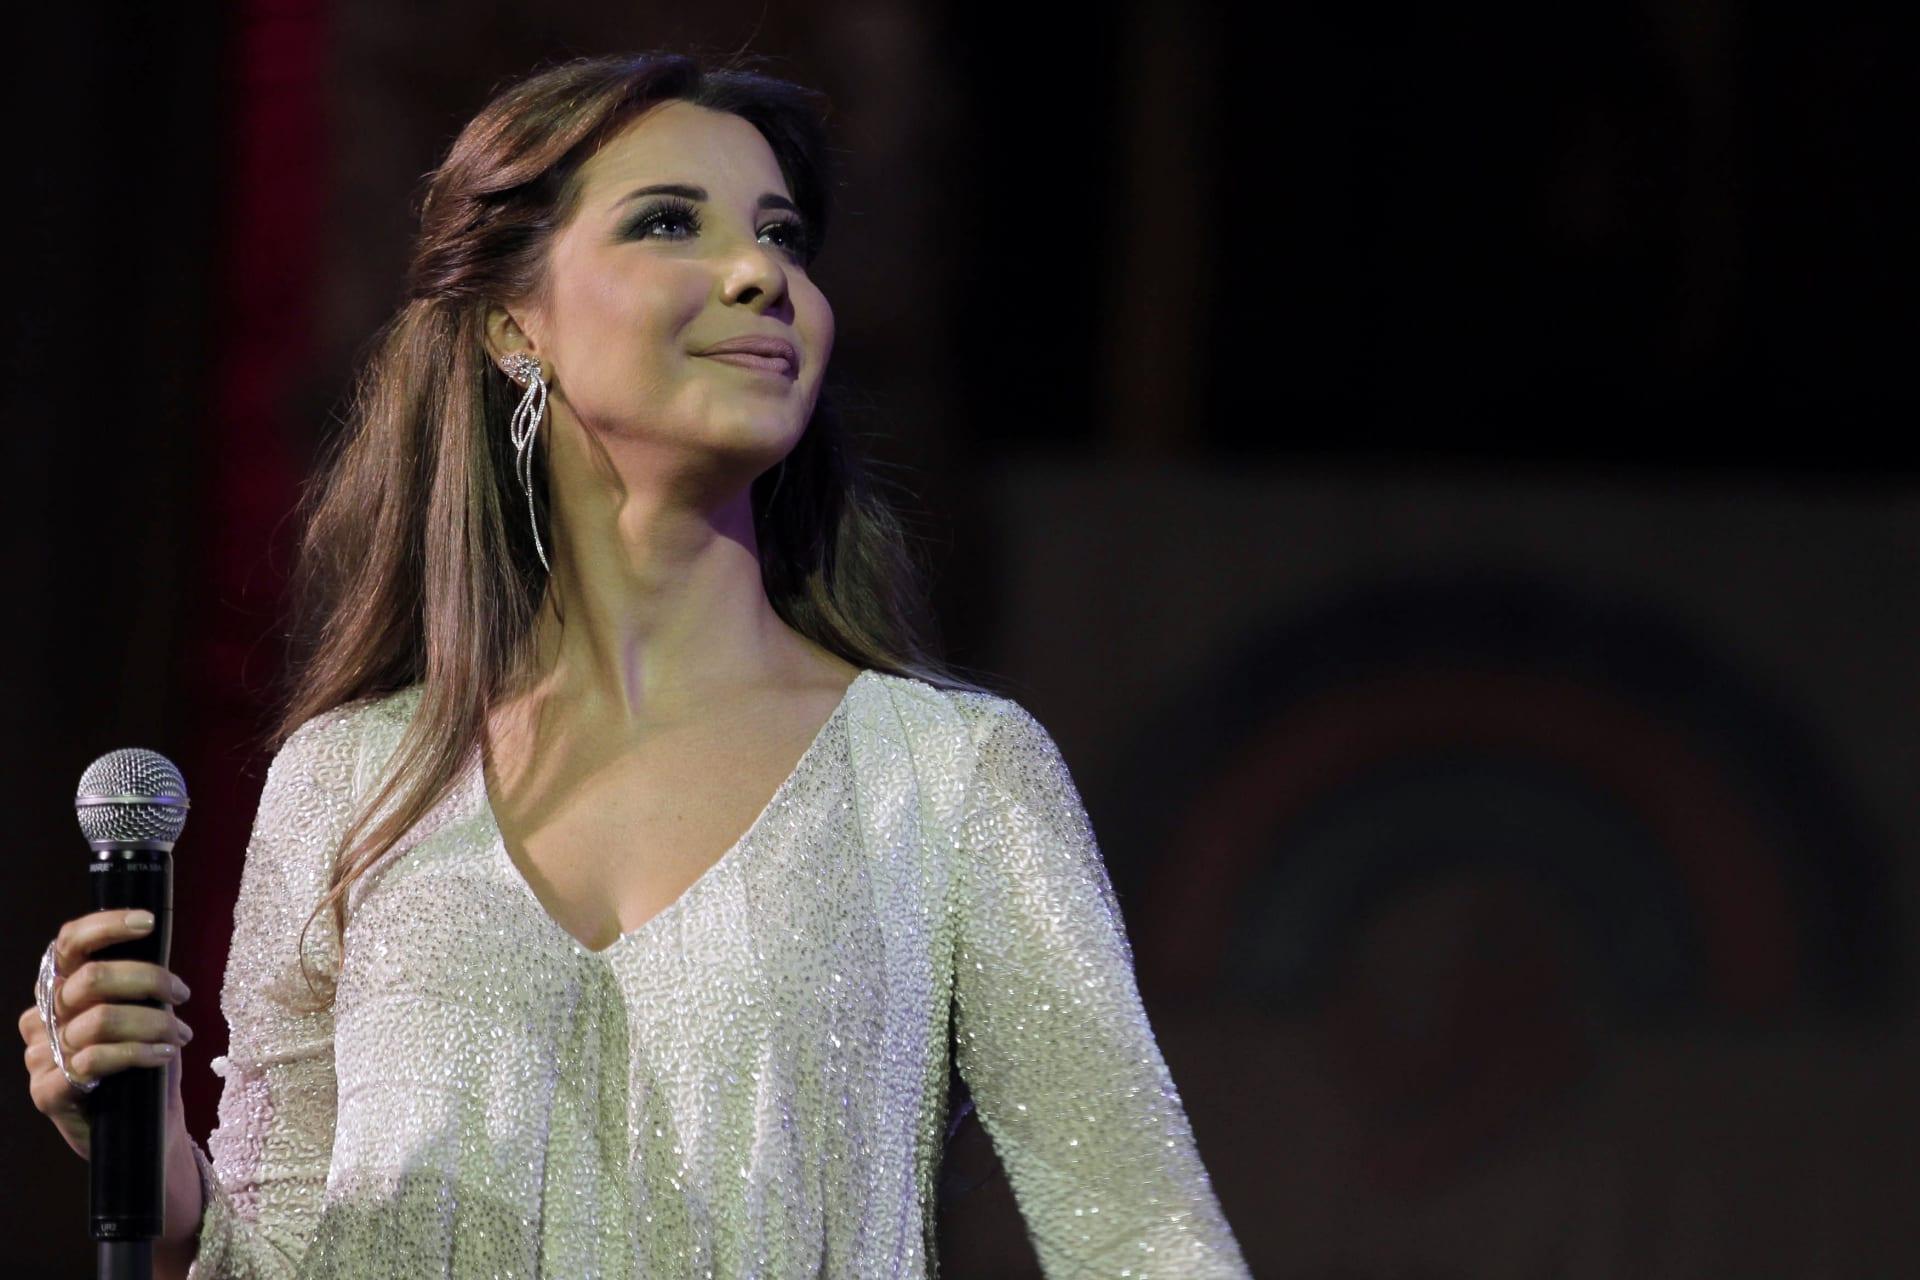 المغنية اللبنانية نانسي عجرم في مهرجان جرش للثقافة والفنون، في الأردن